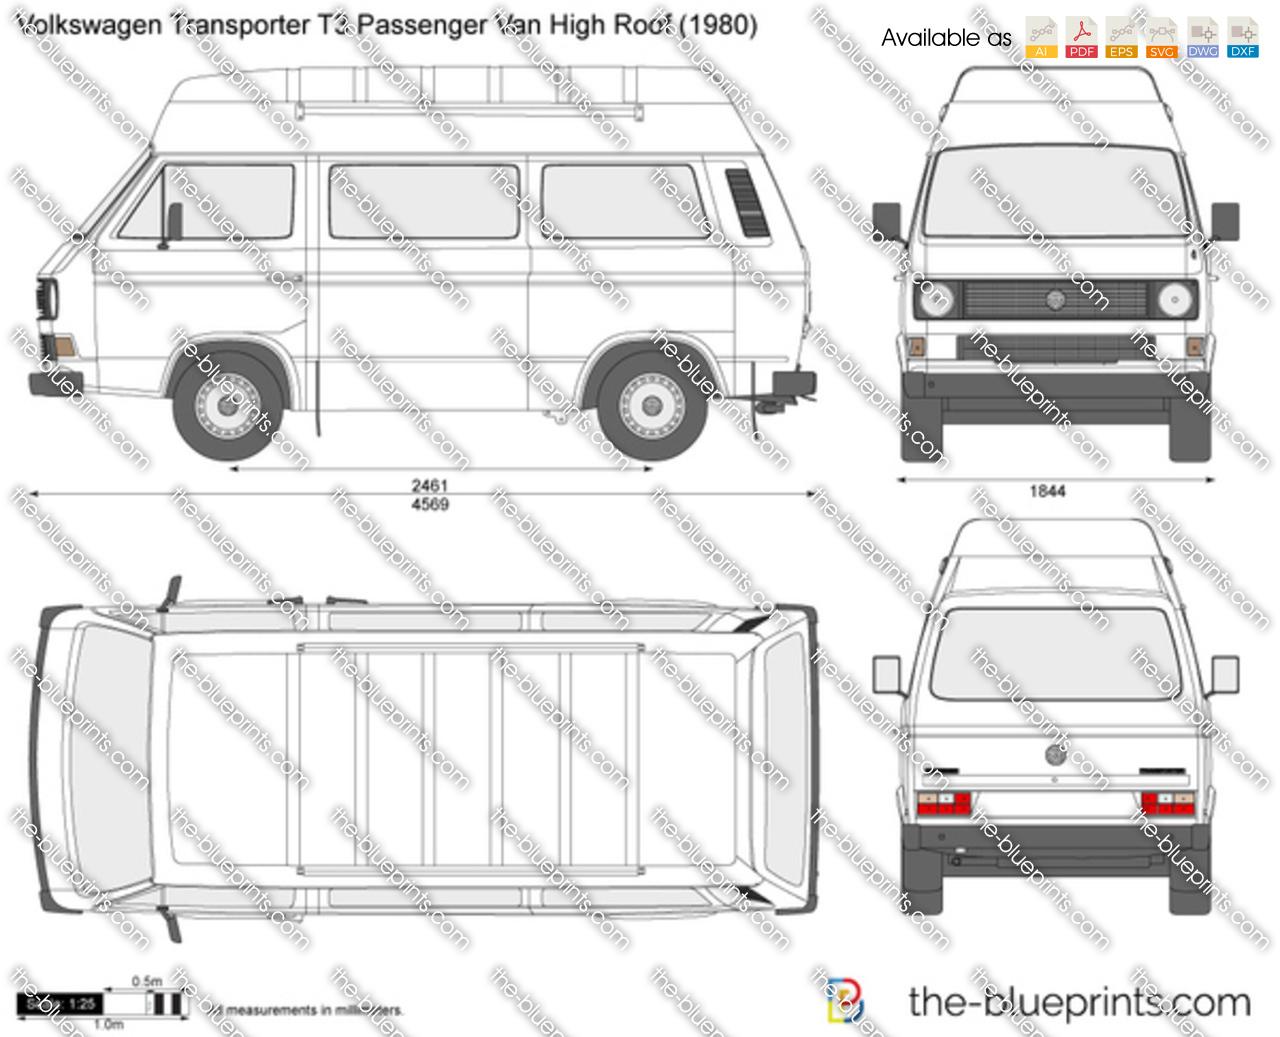 Volkswagen Transporter T3 Passenger Van High Roof Vector